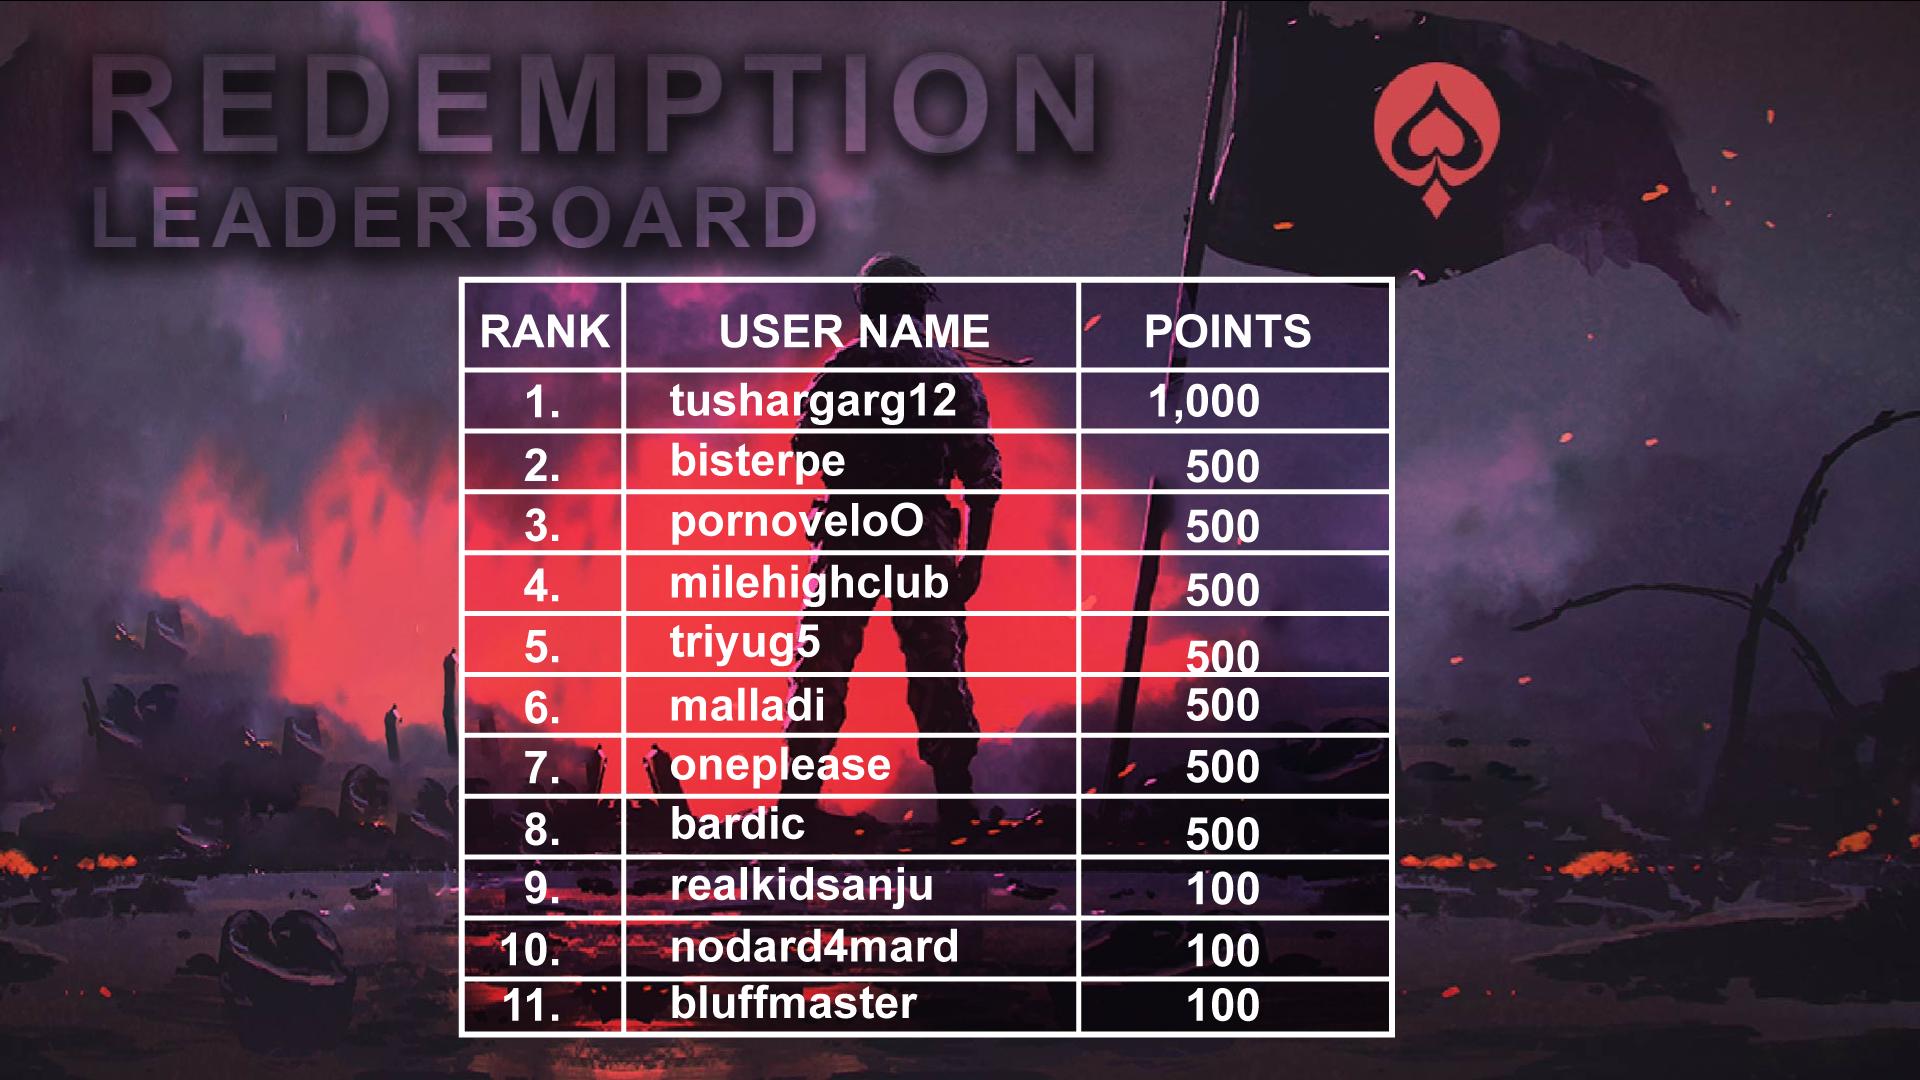 UMA Poker Redemption Leaderboard